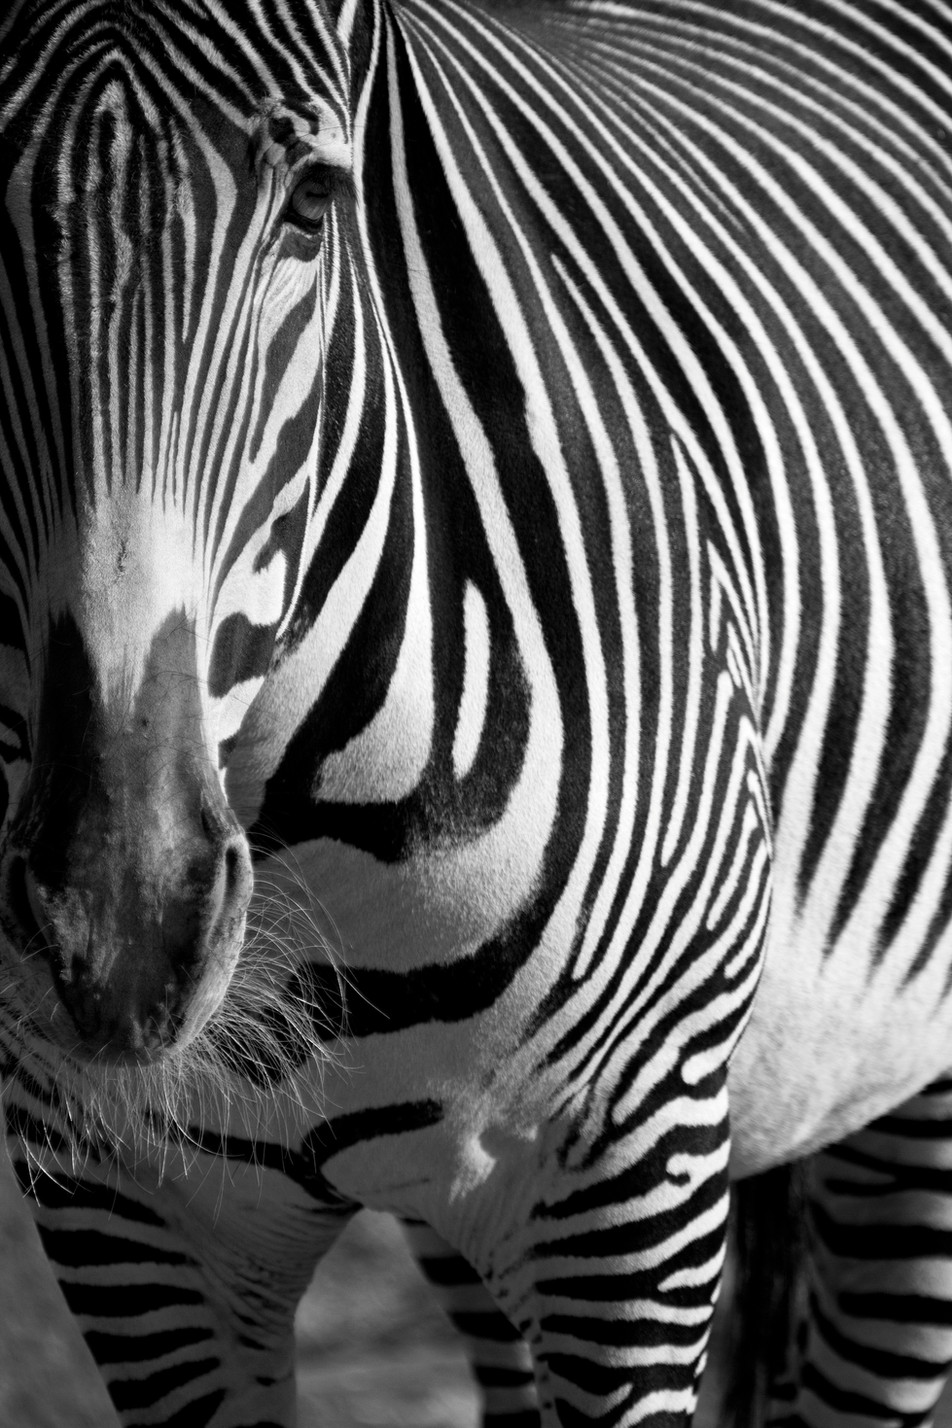 Zebra No. 02